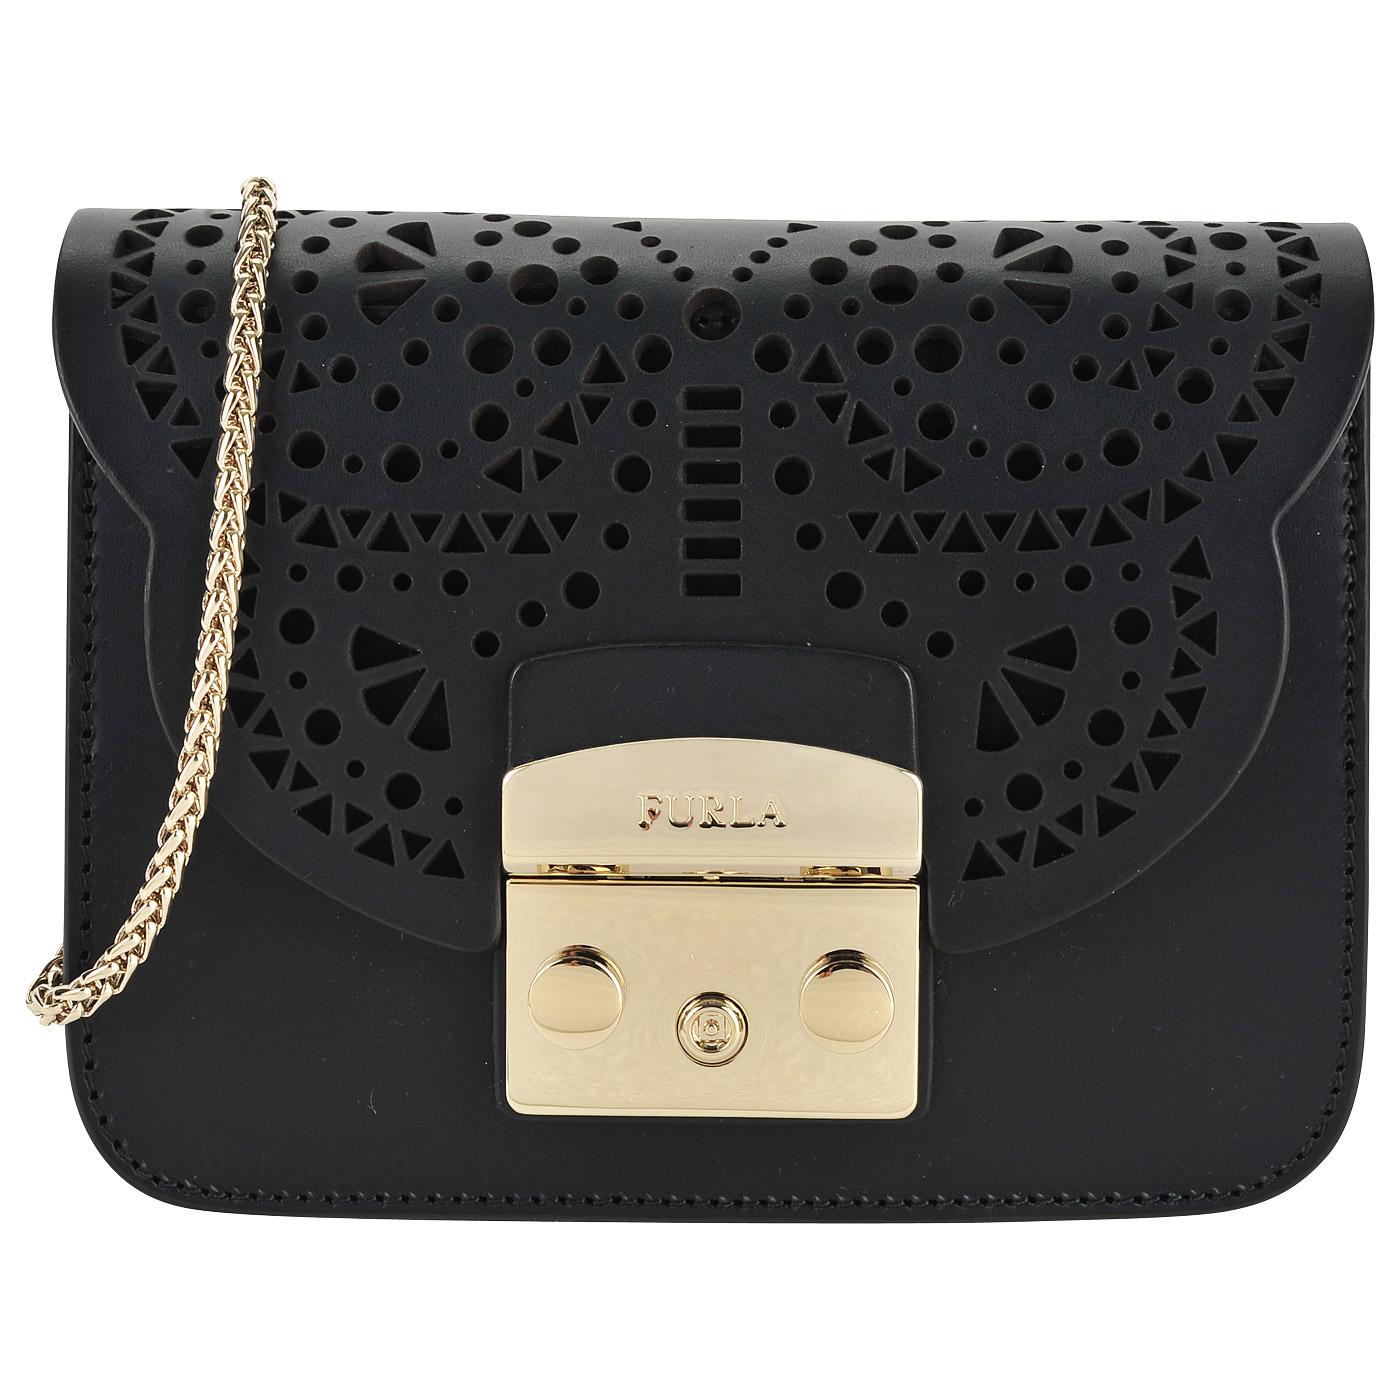 953a826ac448 ... Маленькая кожаная сумка с декоративной перфорацией на откидном клапане  Furla Metropolis ...